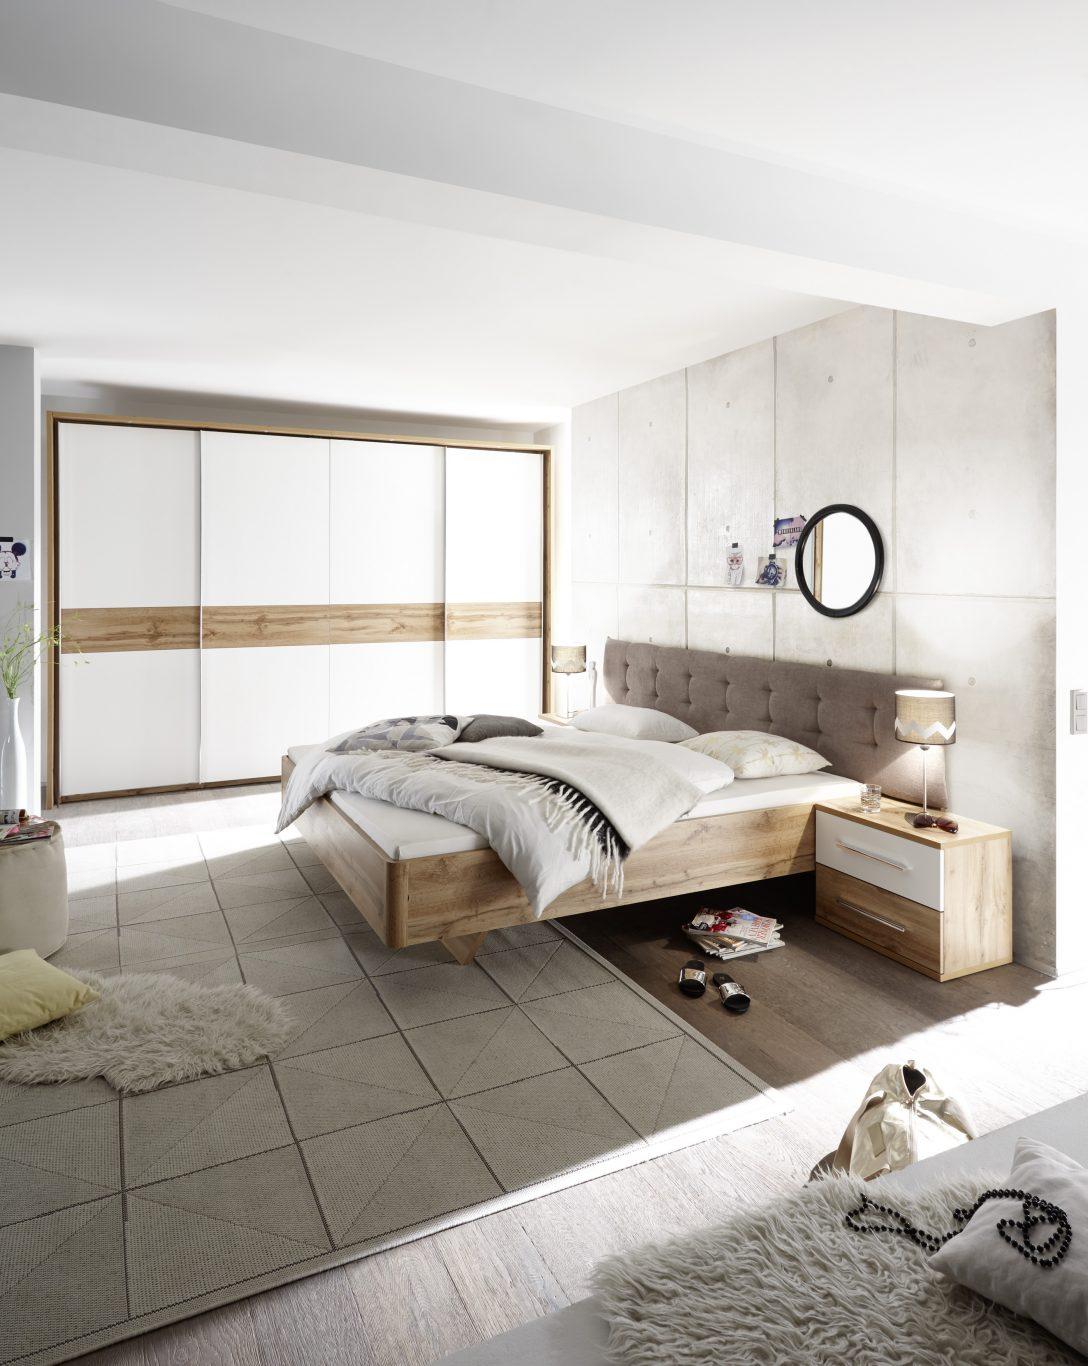 Large Size of Schlafzimmer Komplett Set 5 Tlg Bergamo Bett 180 Kleiderschrank Stuhl Komplette Deckenleuchte Mit Lattenrost Und Matratze Lampen Romantische Guenstig Wiemann Schlafzimmer Schlafzimmer Komplett Guenstig